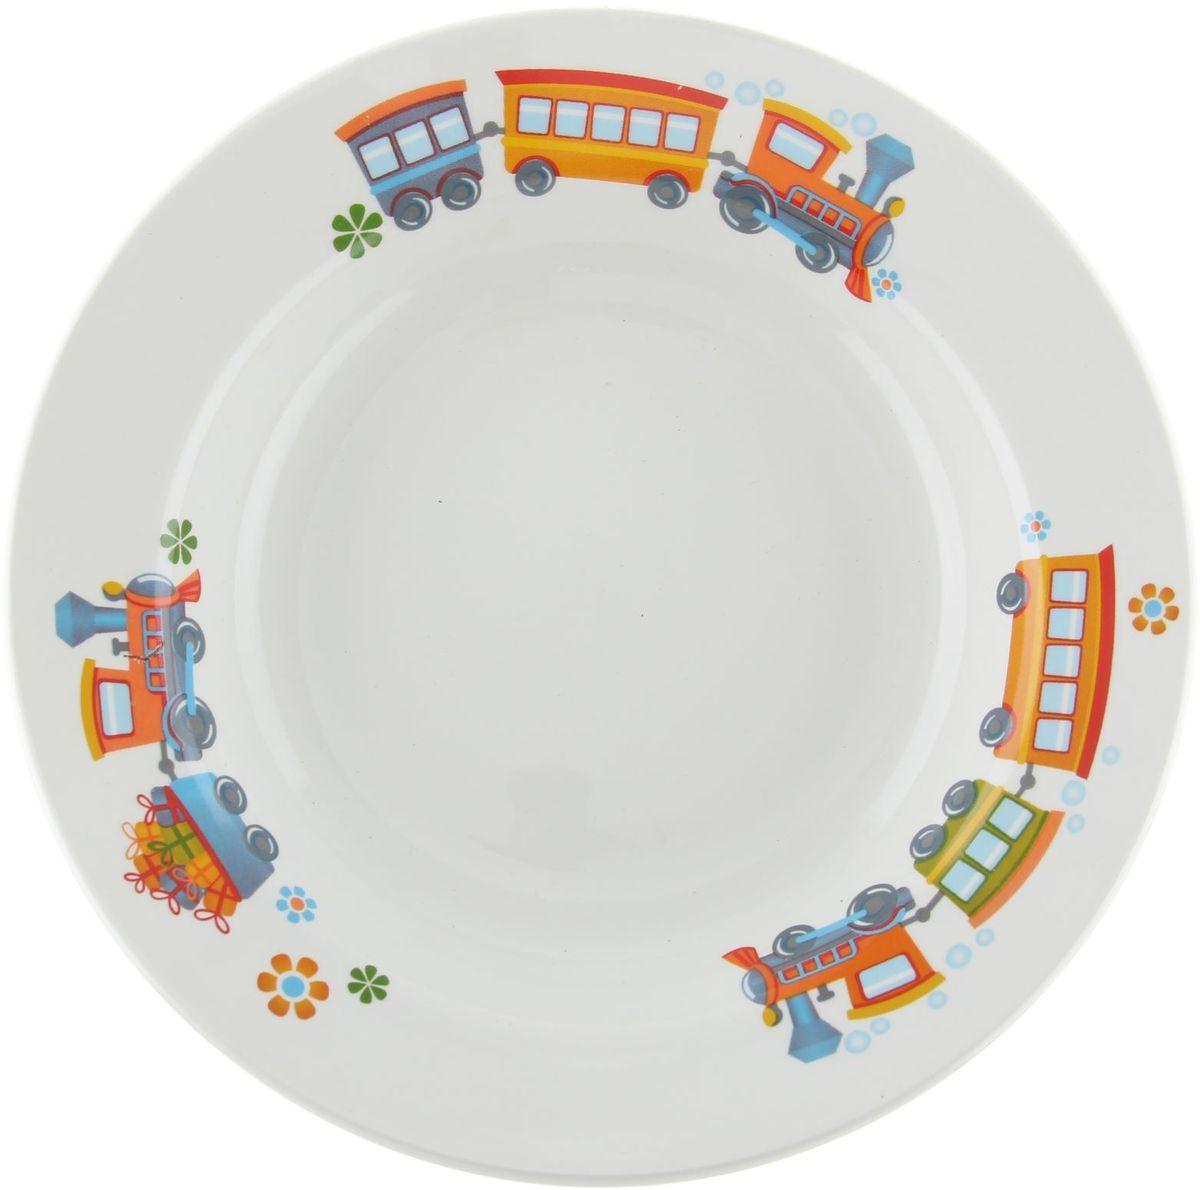 Кубаньфарфор Тарелка детская Паровозик 13013231301323Фаянсовая детская посуда с забавным рисунком понравится каждому малышу. Изделие из качественного материала станет правильным выбором для повседневной эксплуатации и поможет превратить каждый прием пищи в радостное приключение.Особенности:- простота мойки,- стойкость к запахам,- насыщенный цвет.